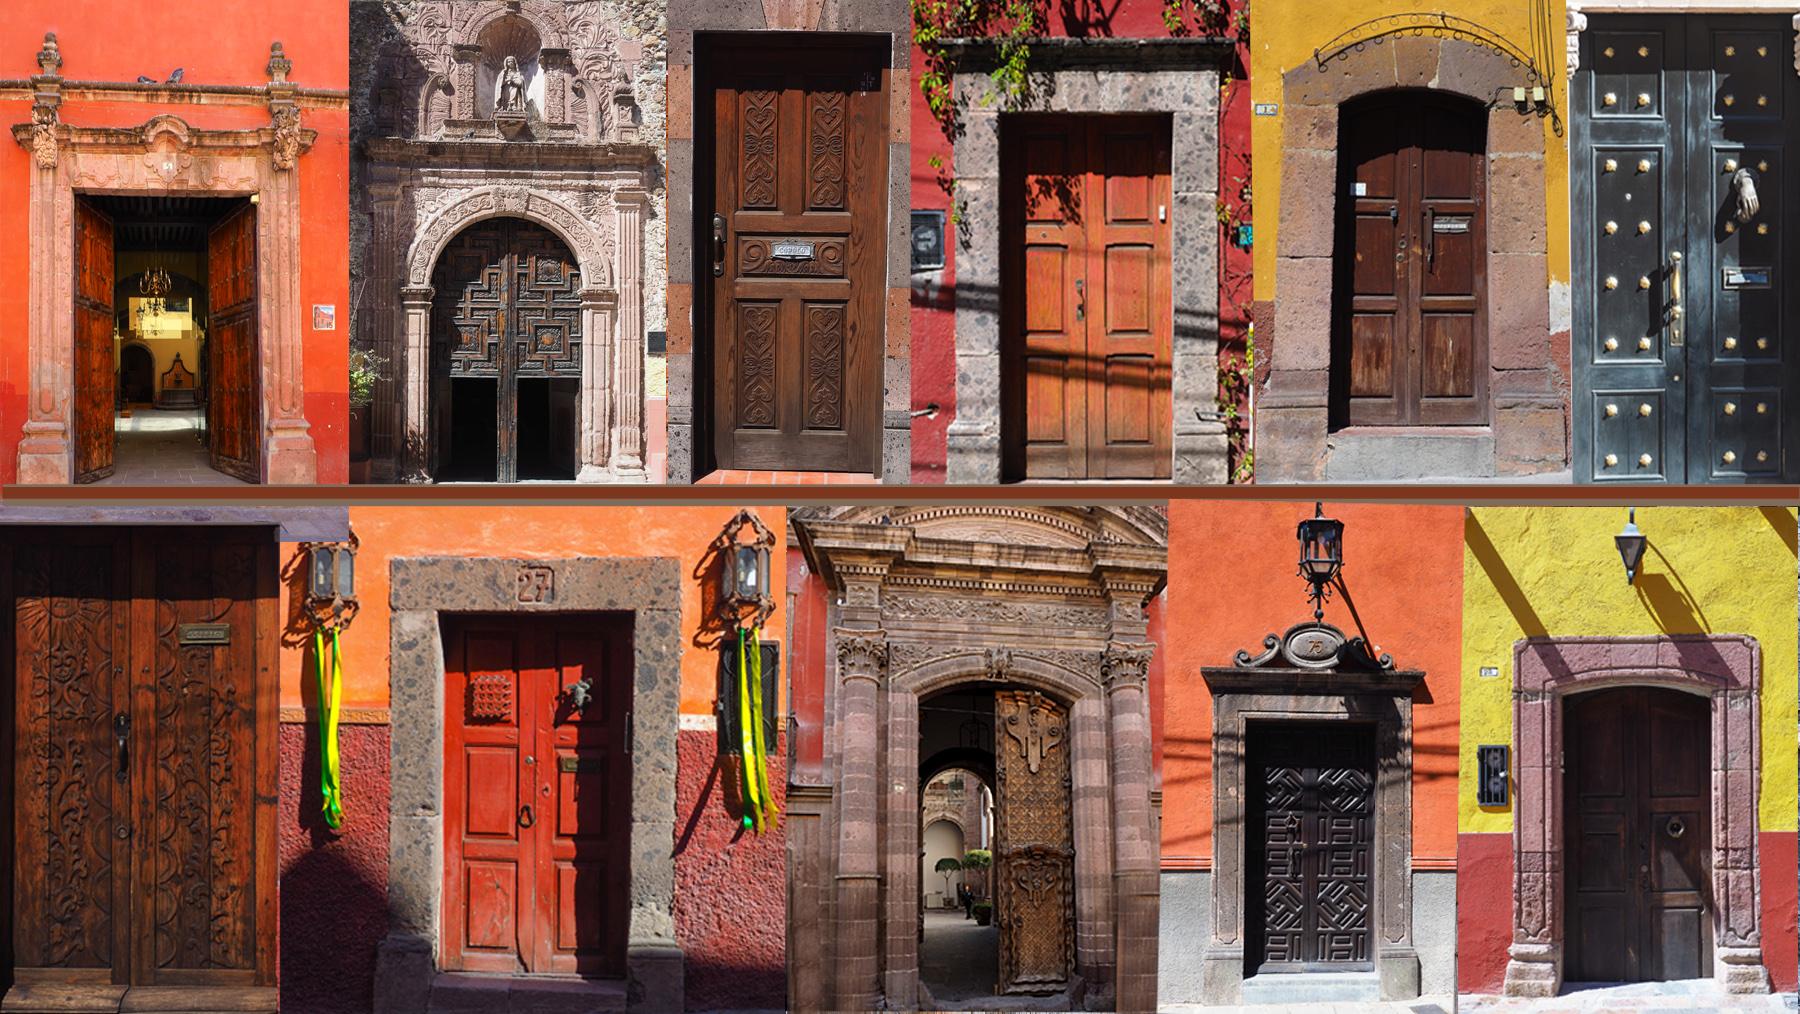 Und viele schöne alte Türen in San Miguel